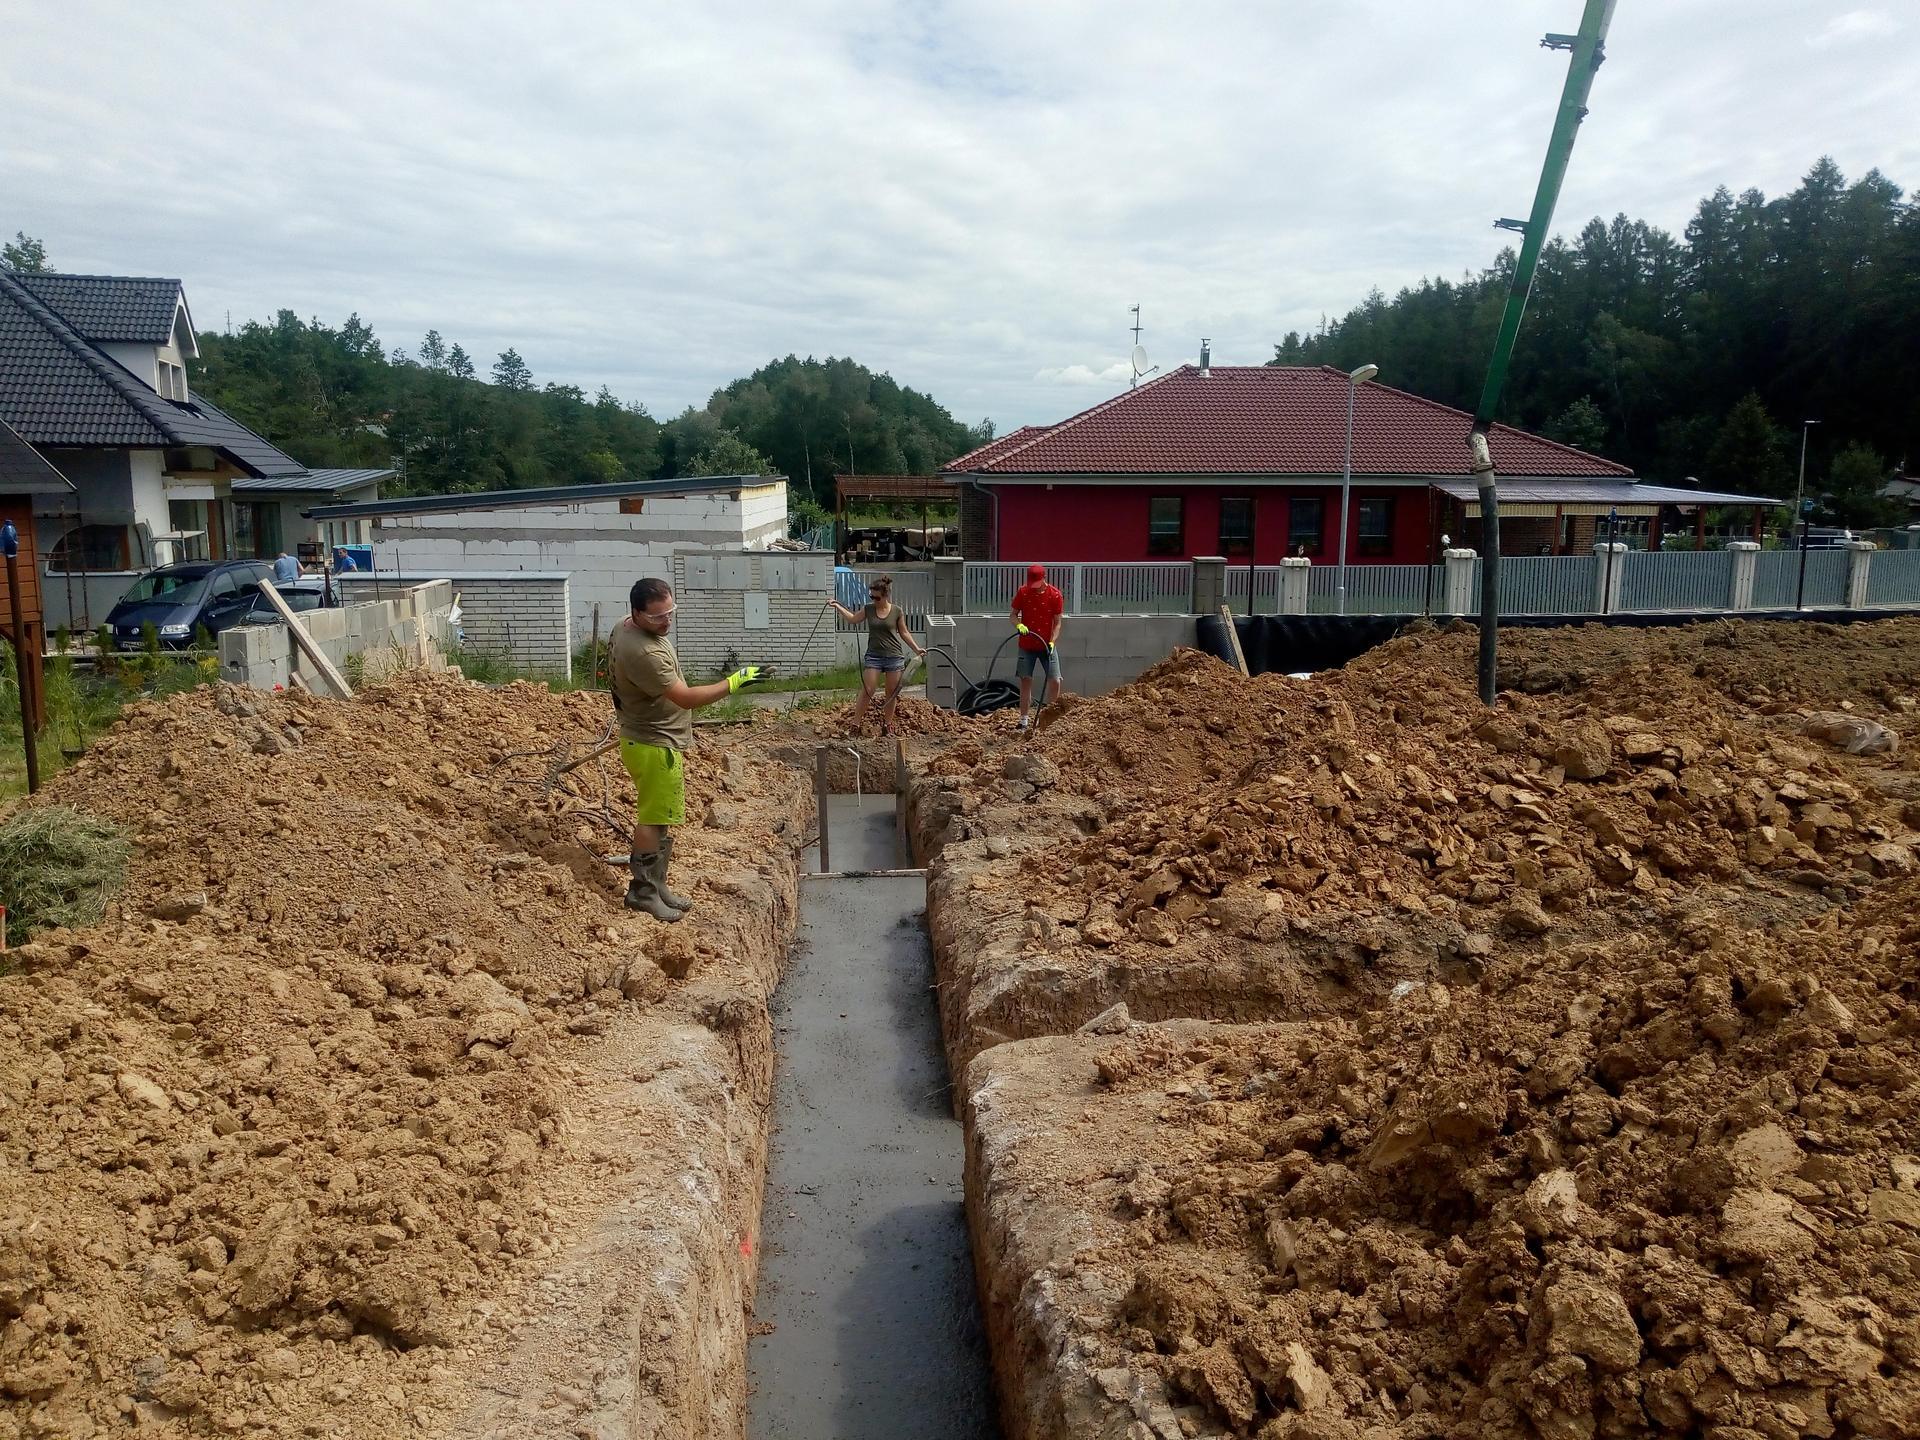 Příprava pozemku, bednění, základy, opěrka, bouda, plot - Obrázek č. 5